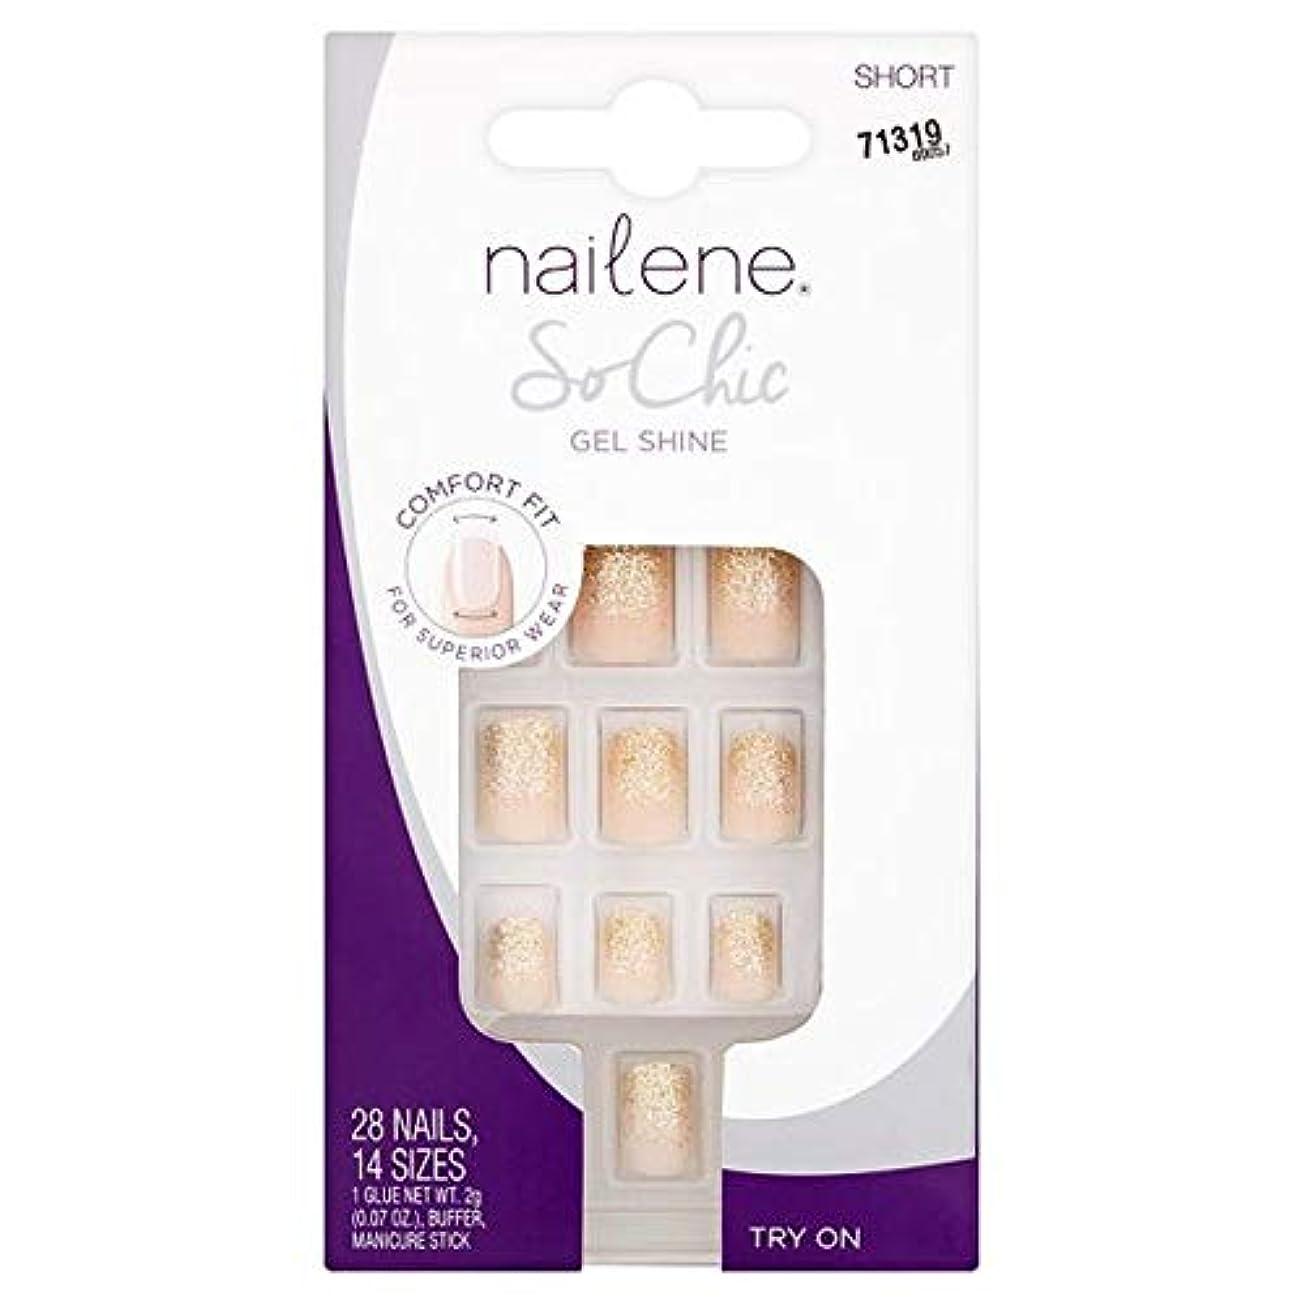 債務あなたが良くなります警戒[Nailene] Nailene釘ので、シックなゲル輝き - Nailene Nails So Chic Gel Shine [並行輸入品]